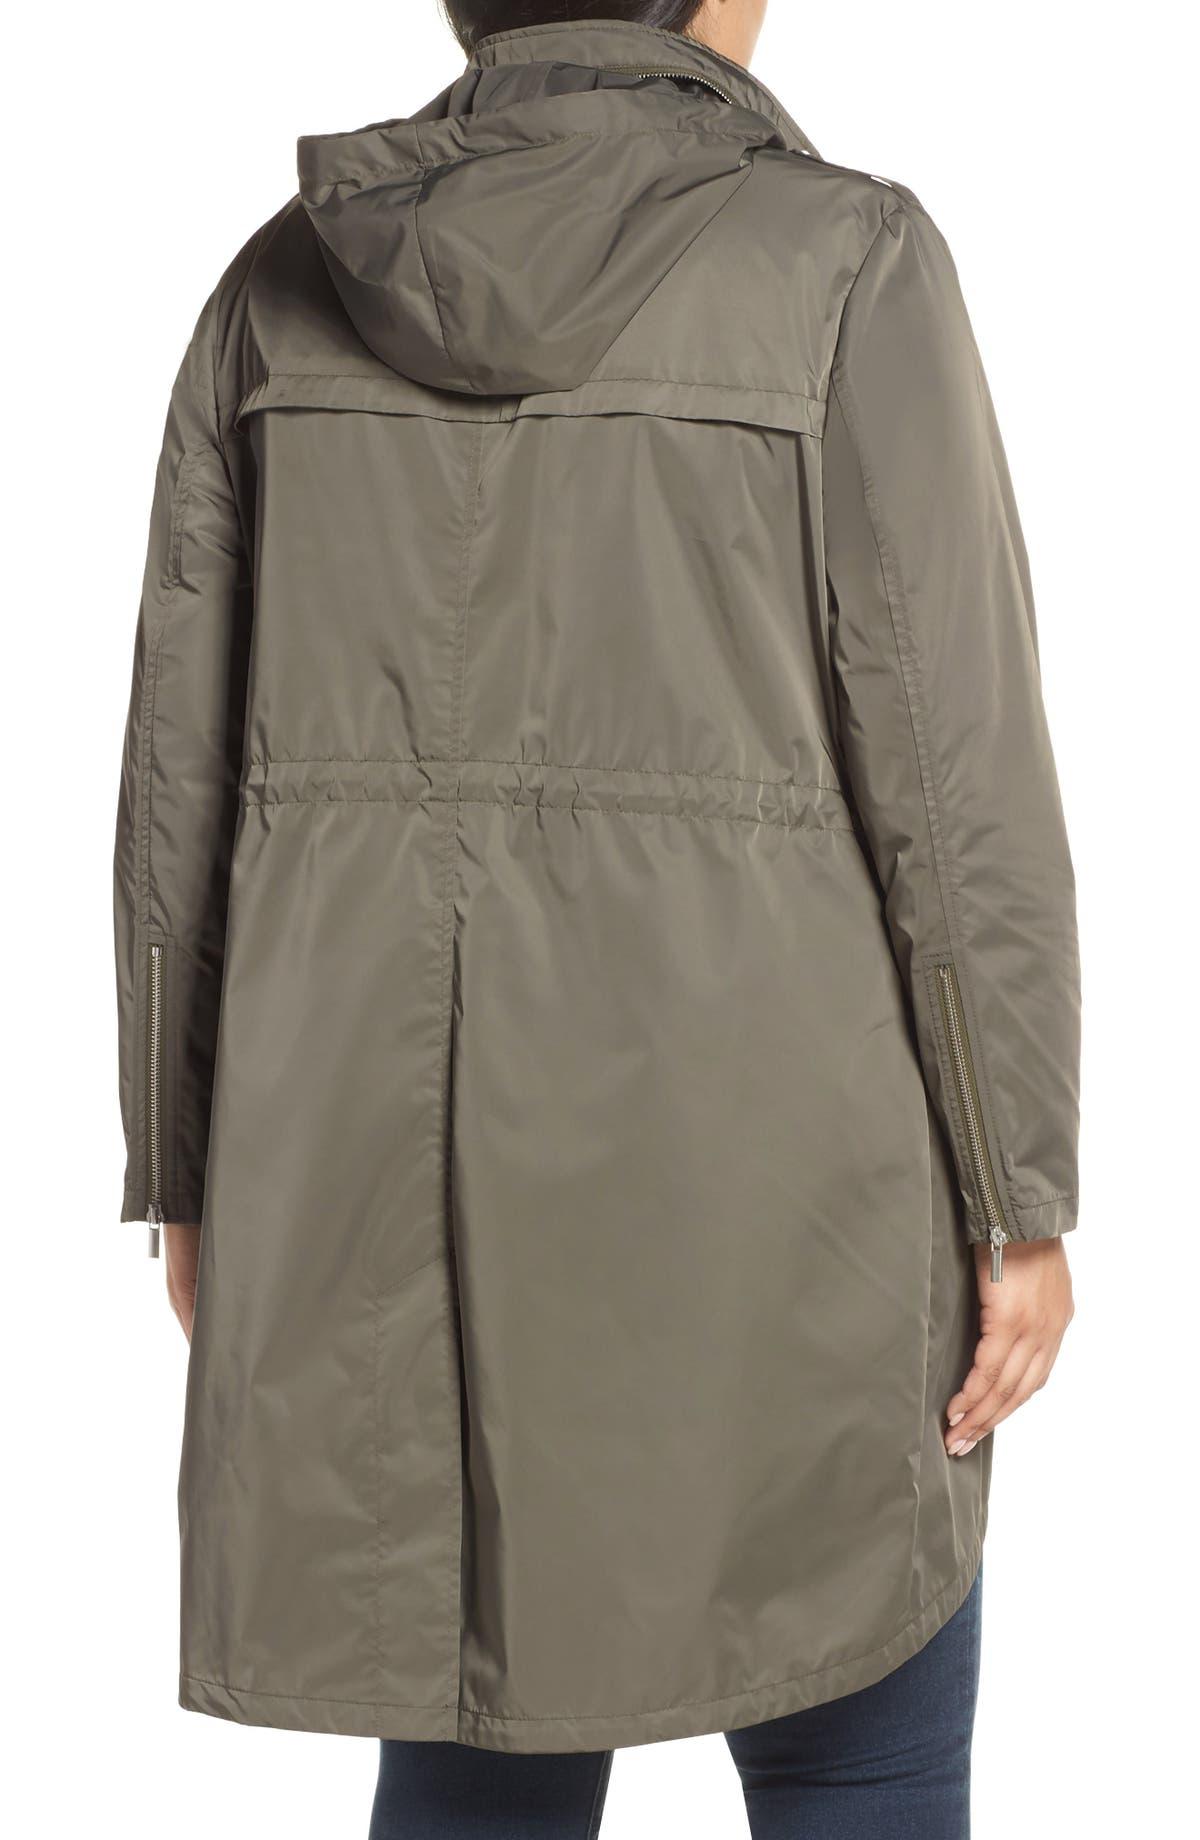 85b8cefd338 Badgley Mischka Dakota Raincoat (Plus Size)